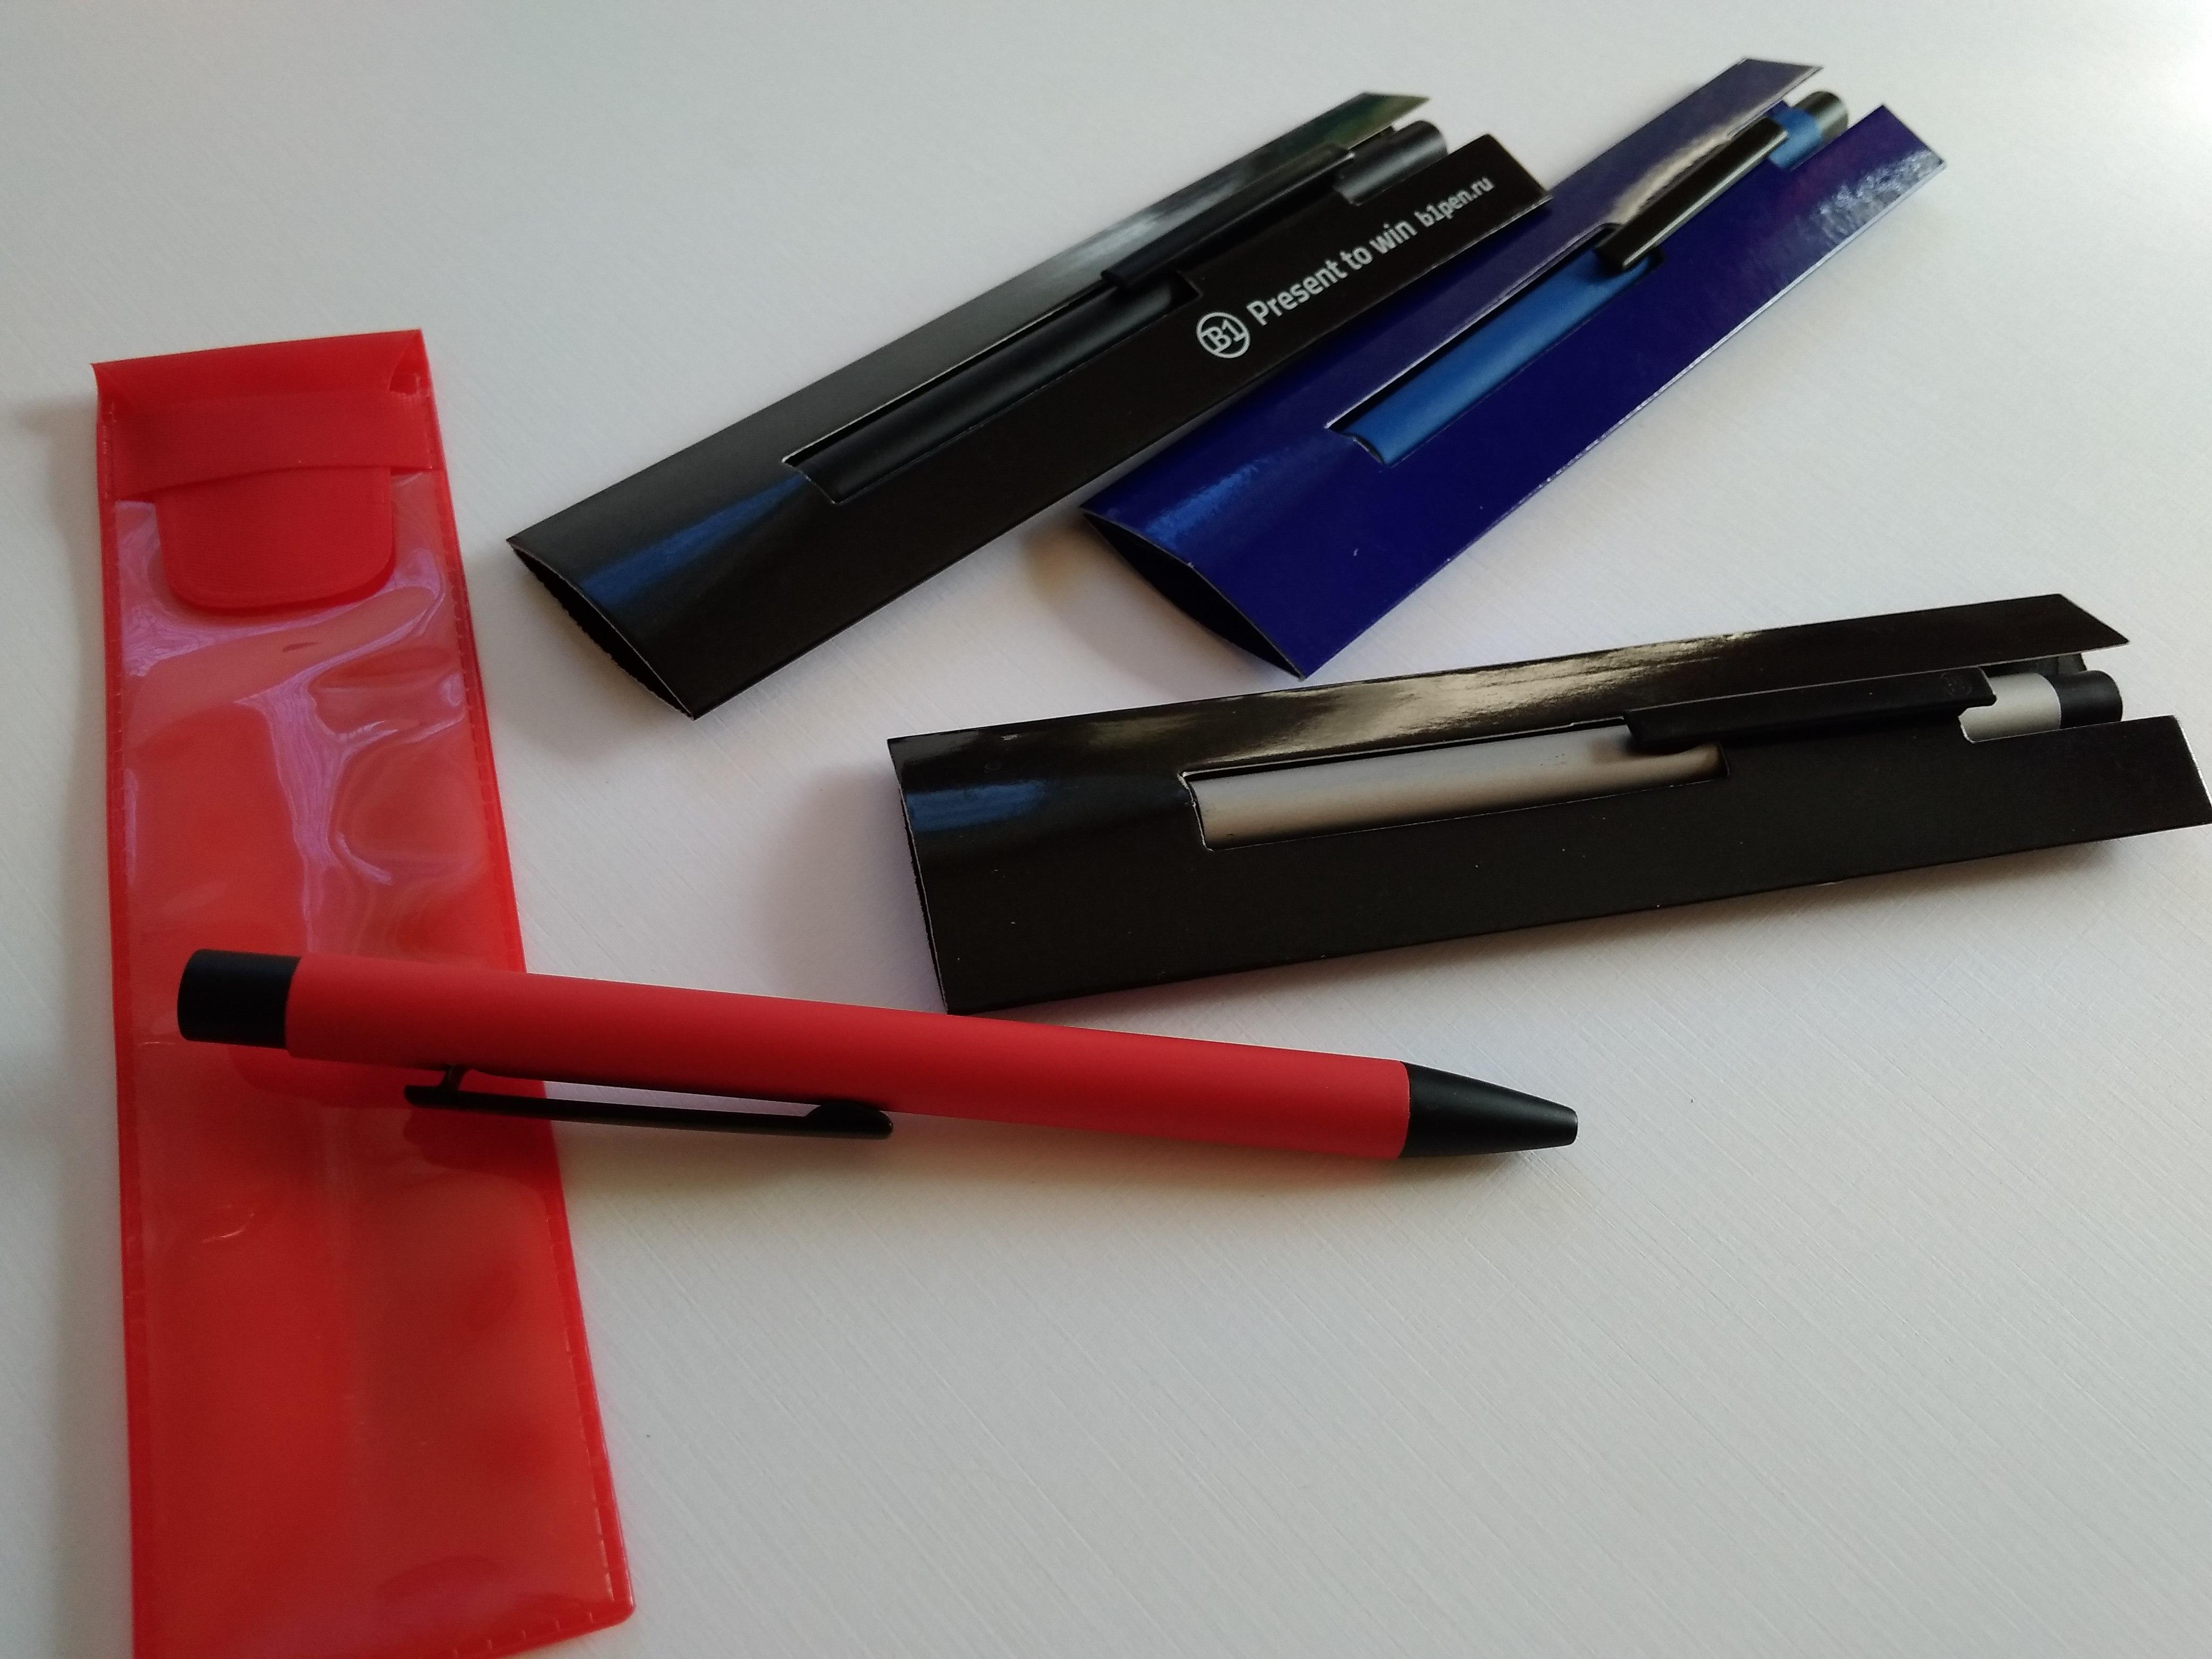 Ручки с софт-тач покрытием Skinny